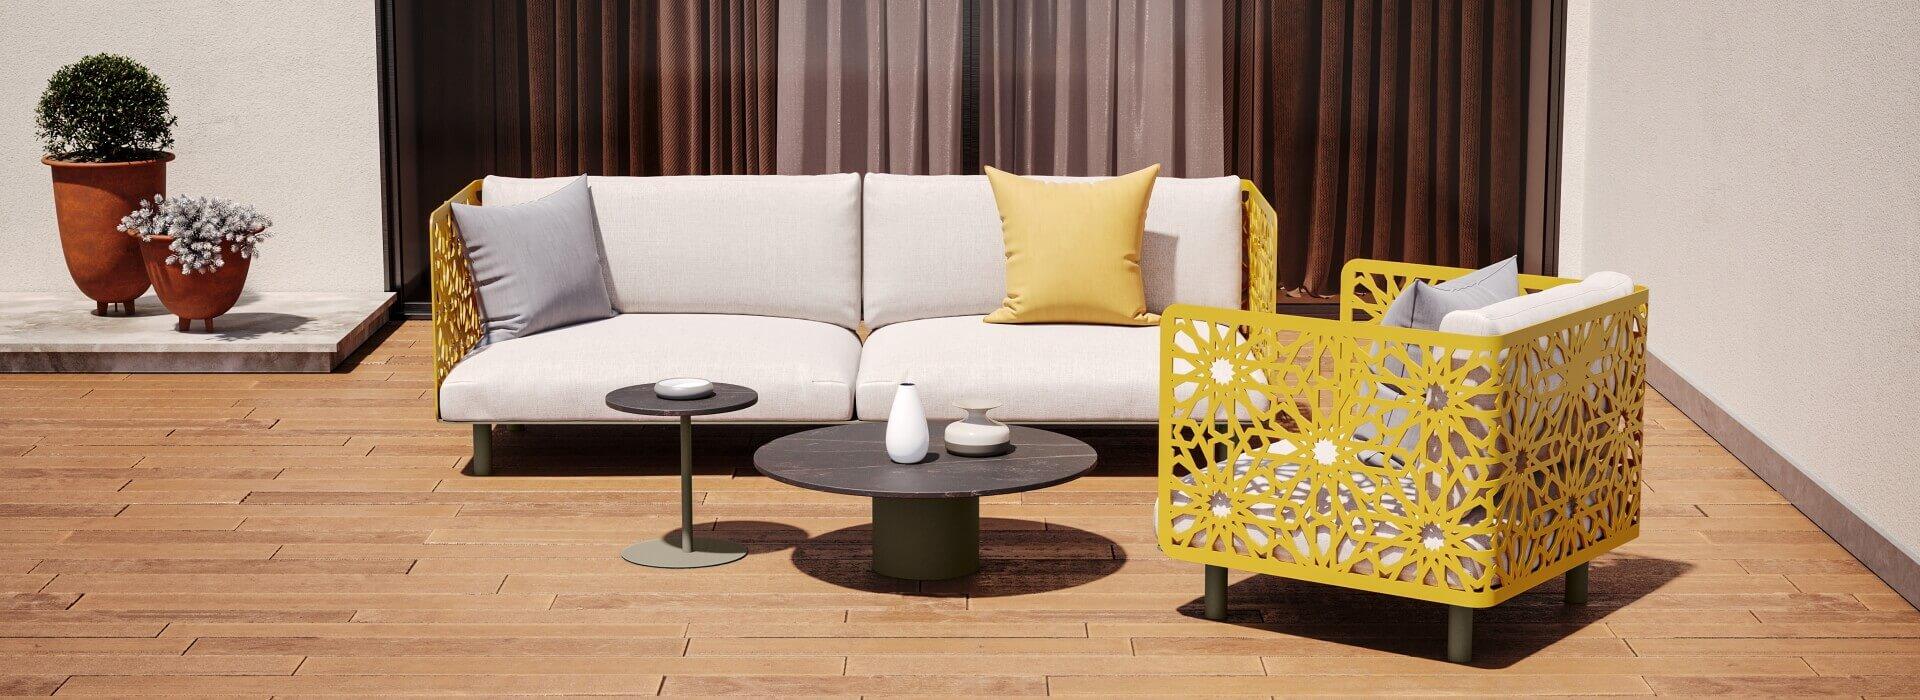 image 3D d'un mobilier modélisé en extérieur